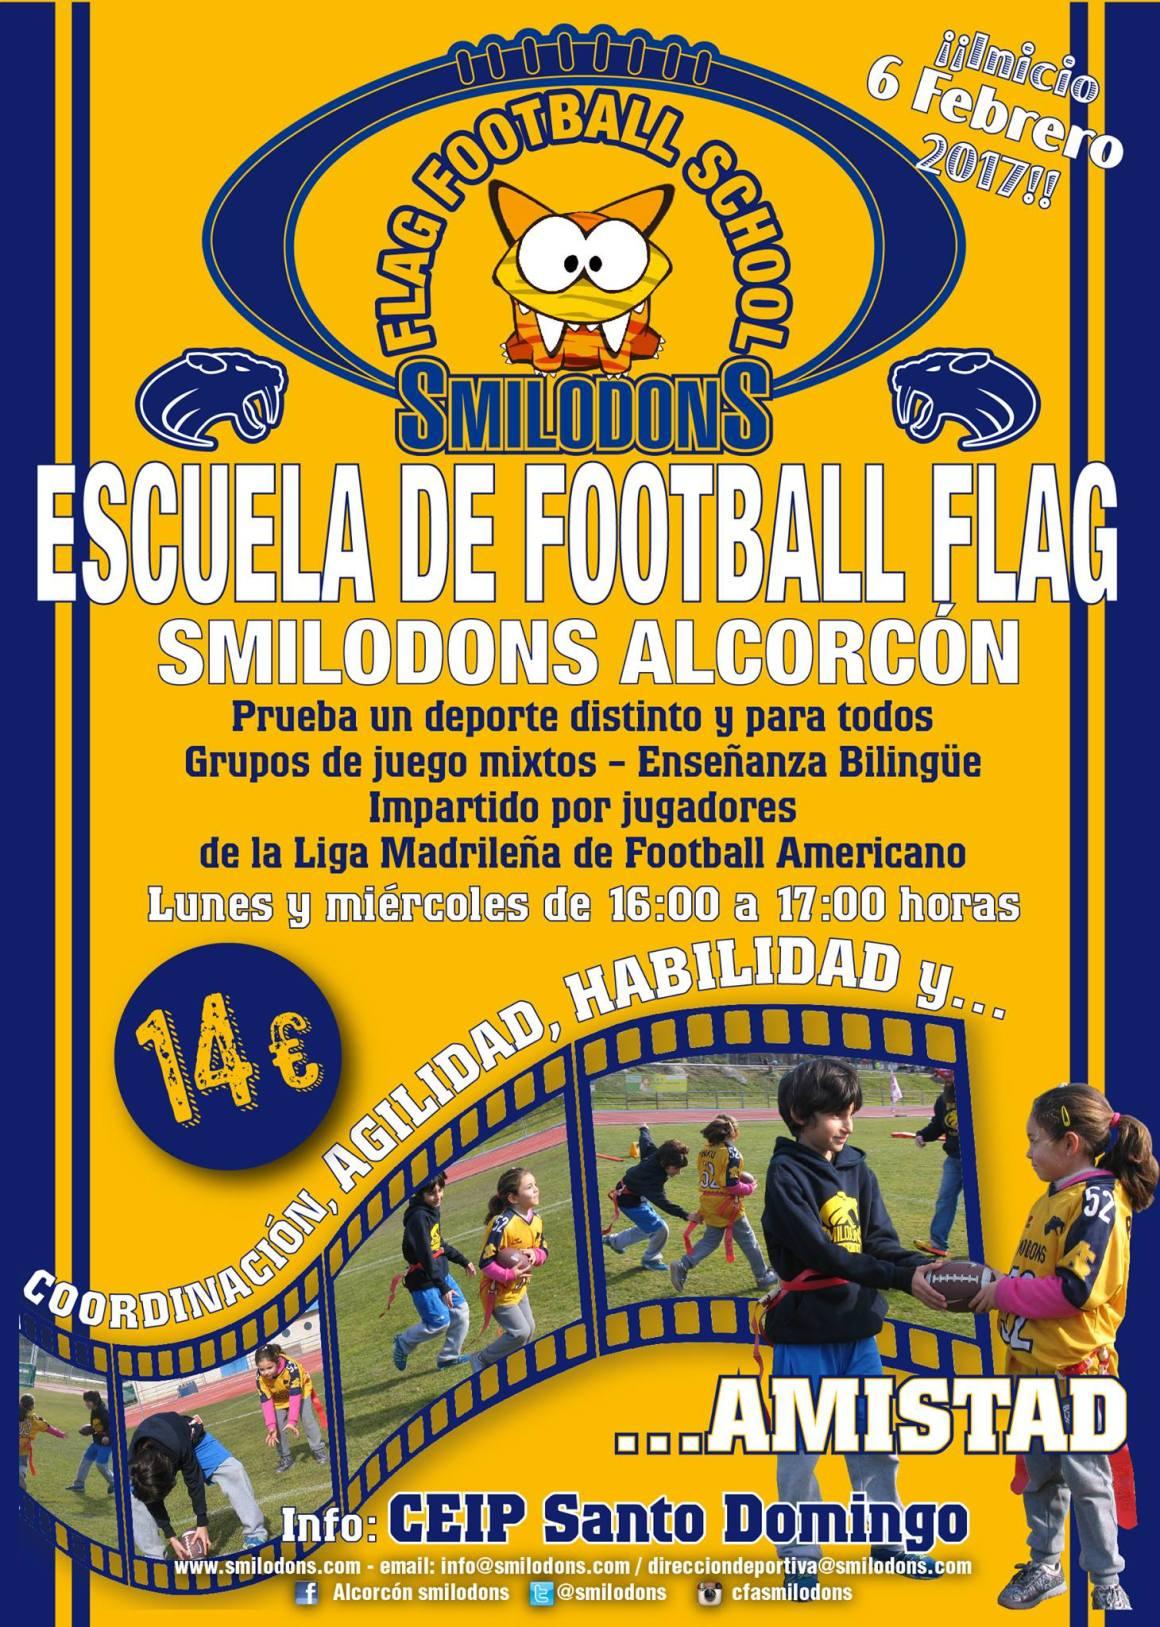 Escuela de Flag Football Alcorcón Smilodons